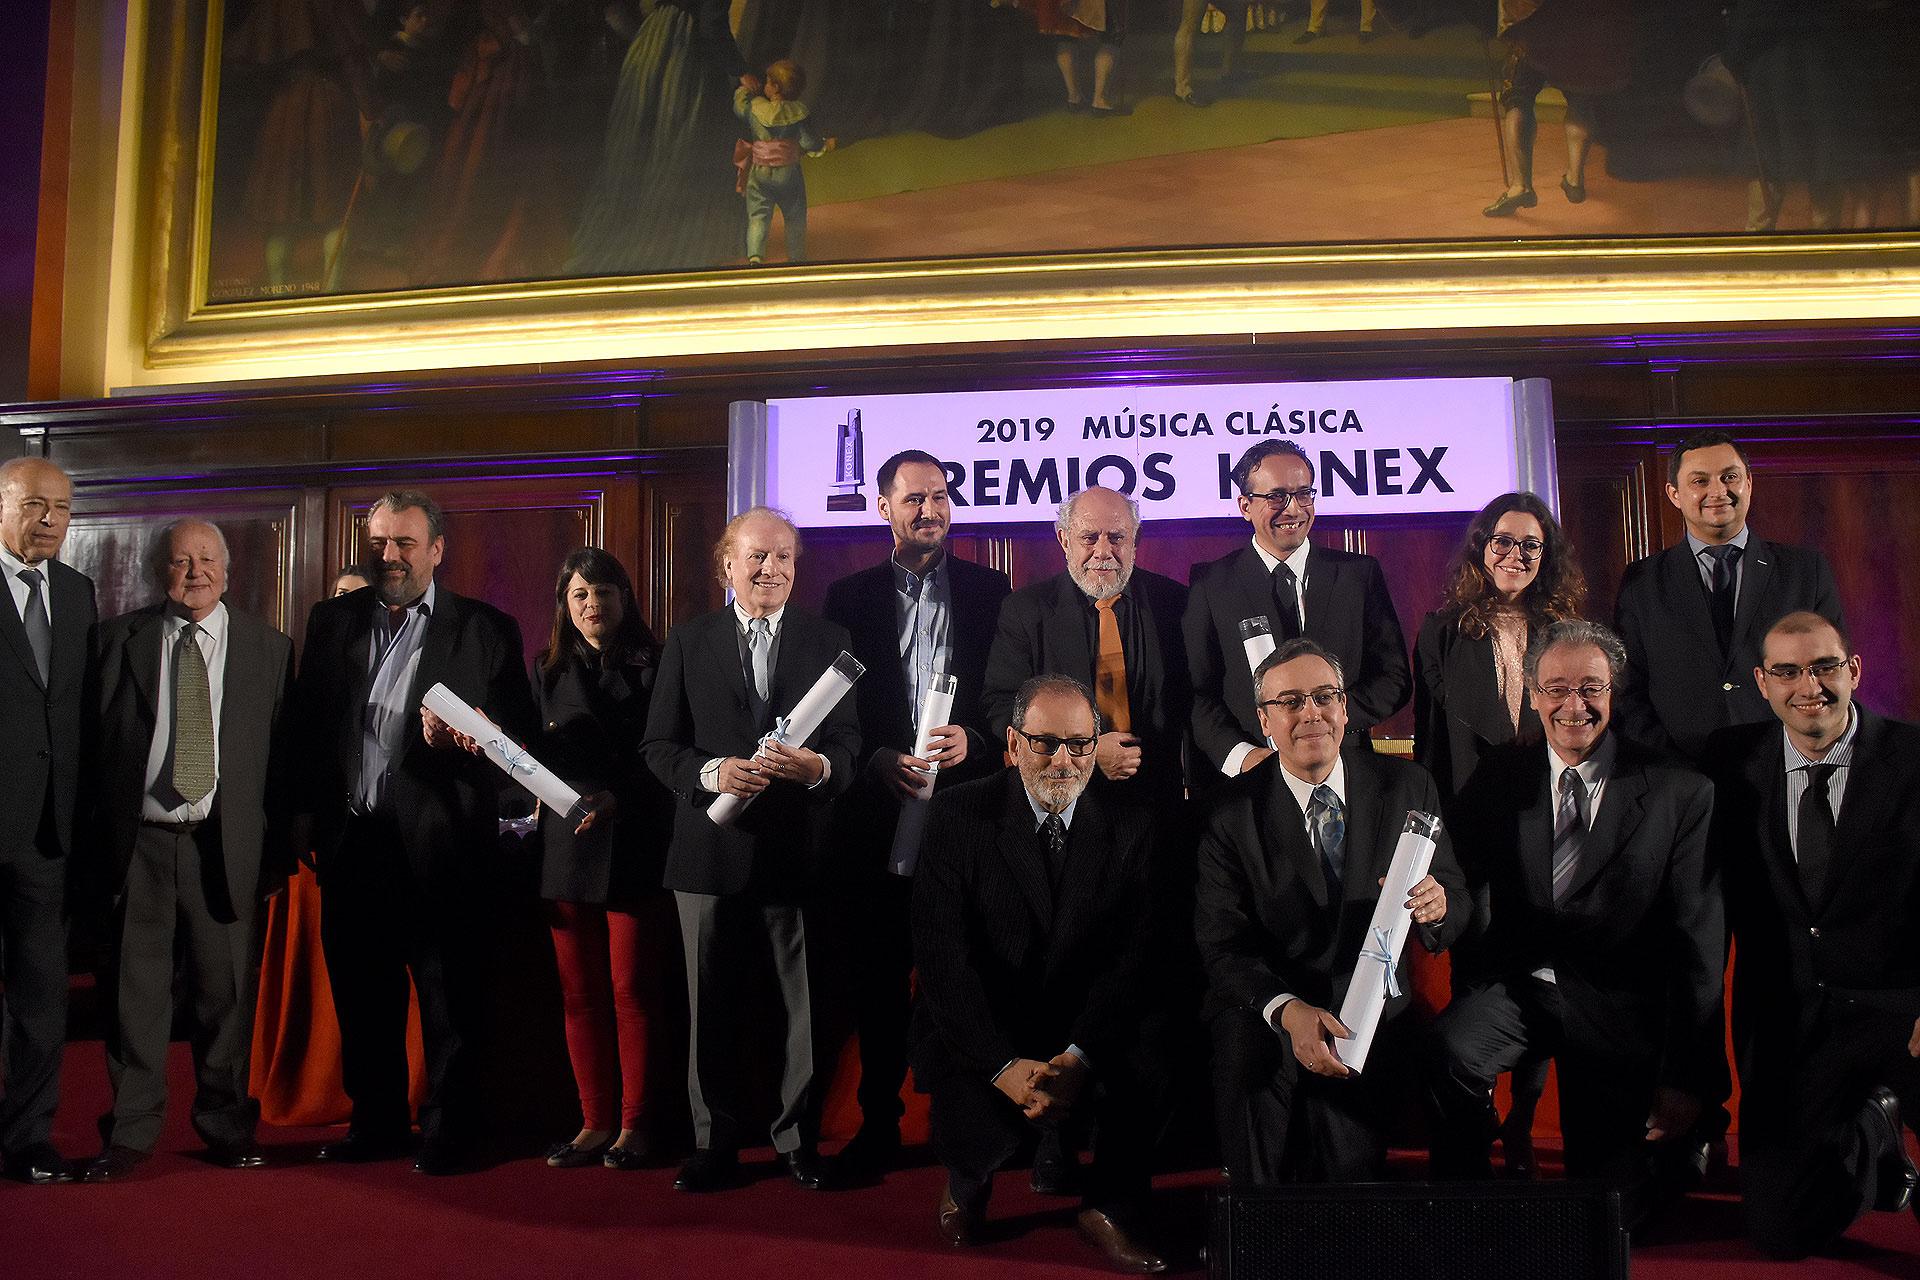 En la disciplina orquesta, los representantes de la La Orquesta Estable del Teatro Colón, la Orquesta Filarmónica de Buenos Aires, la osquesta Sinfónica de Córdoba, la de Entre Rios y la Orquesta Sinfónica Nacional